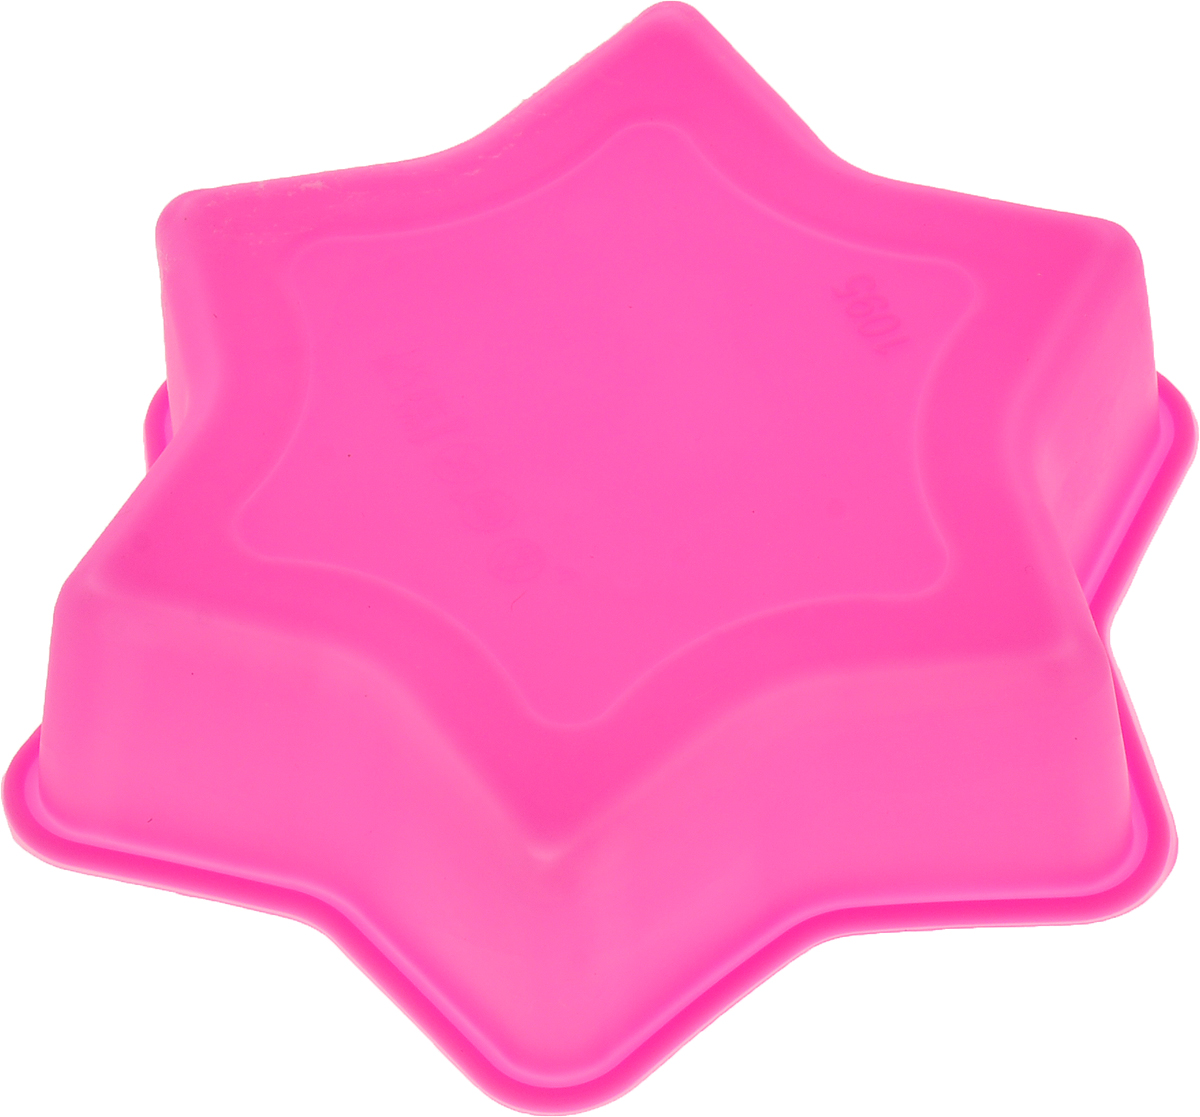 """Форма для выпечки Доляна """"Звезда"""", цвет: малиновый, 11 х 11 х 3 см"""